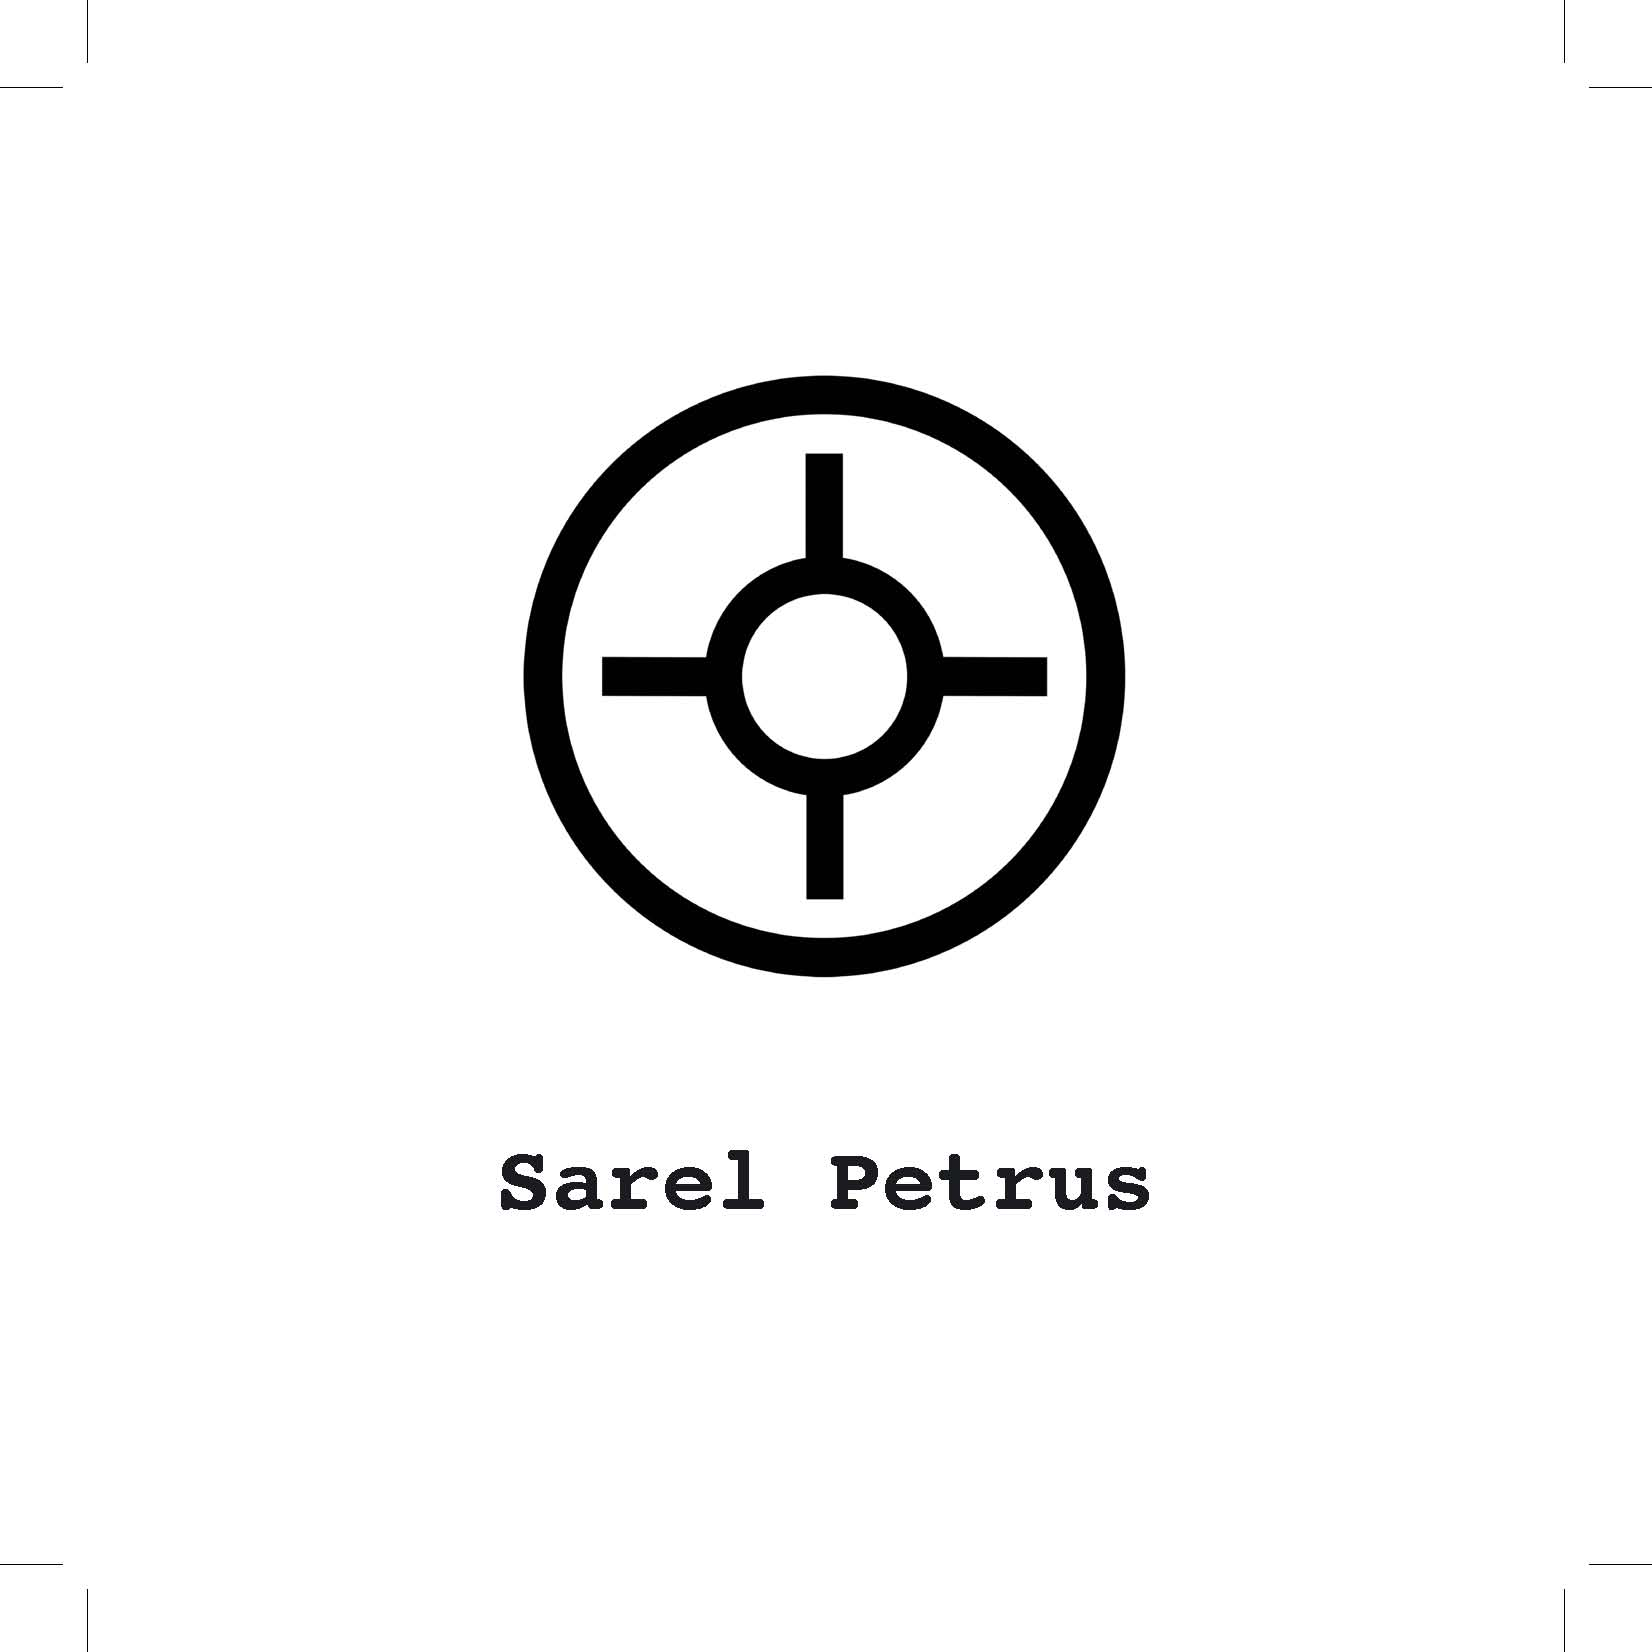 MAP Southafrica - Sarel Petrus